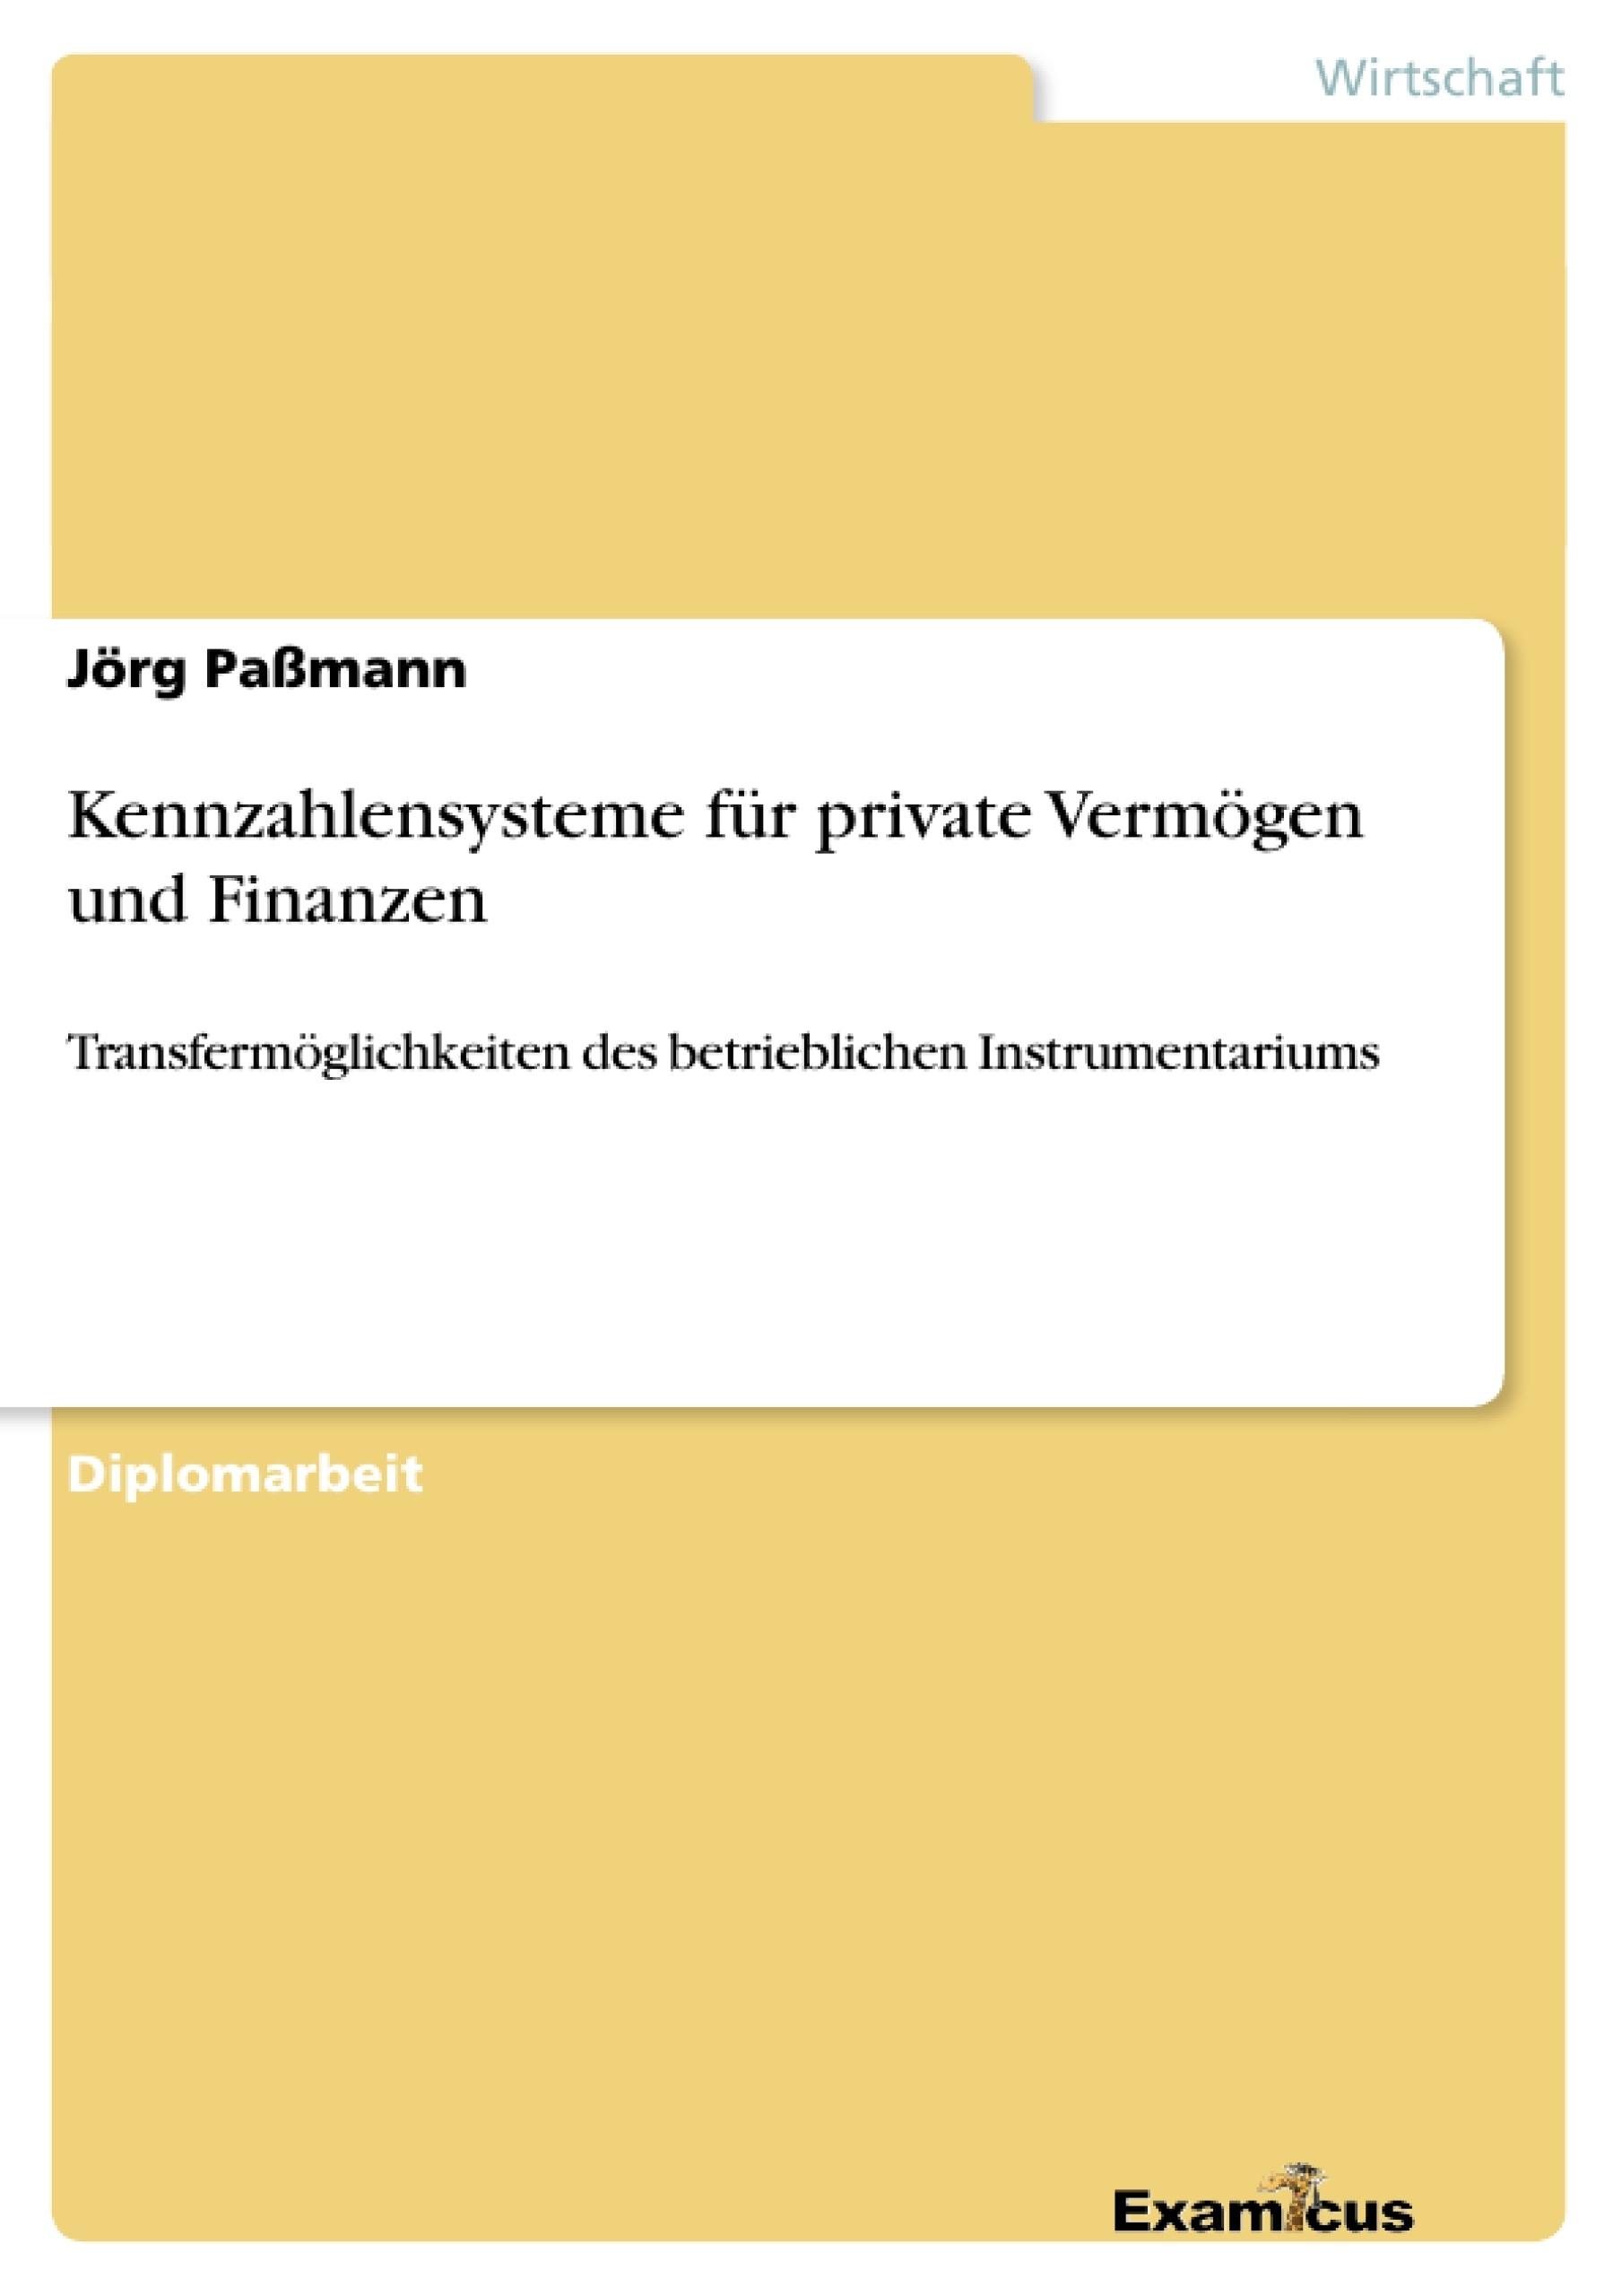 Titel: Kennzahlensysteme für private Vermögen und Finanzen